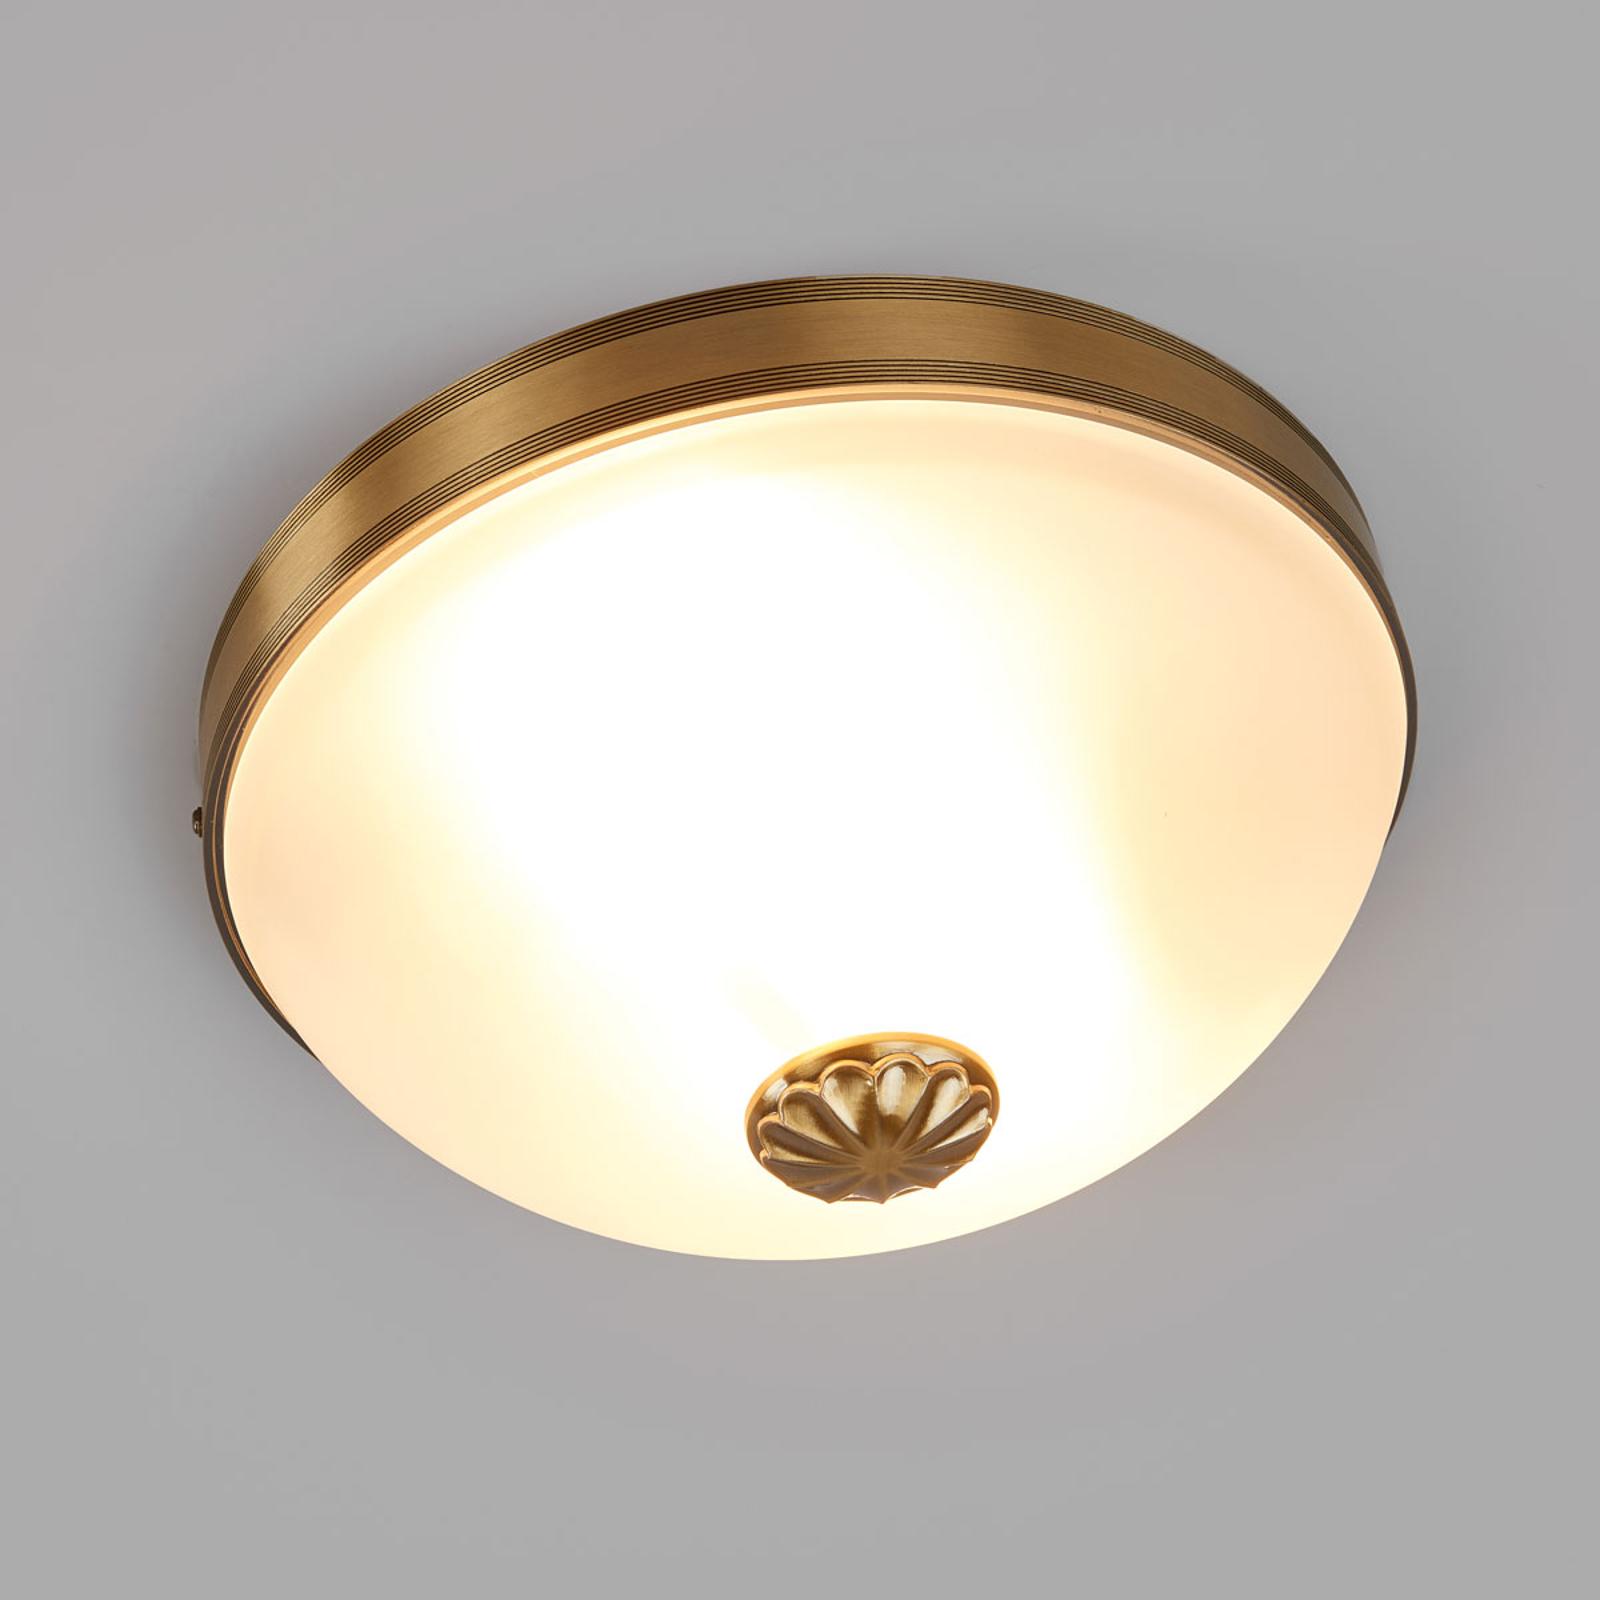 Elegant plafondlampa Impery i antik stil